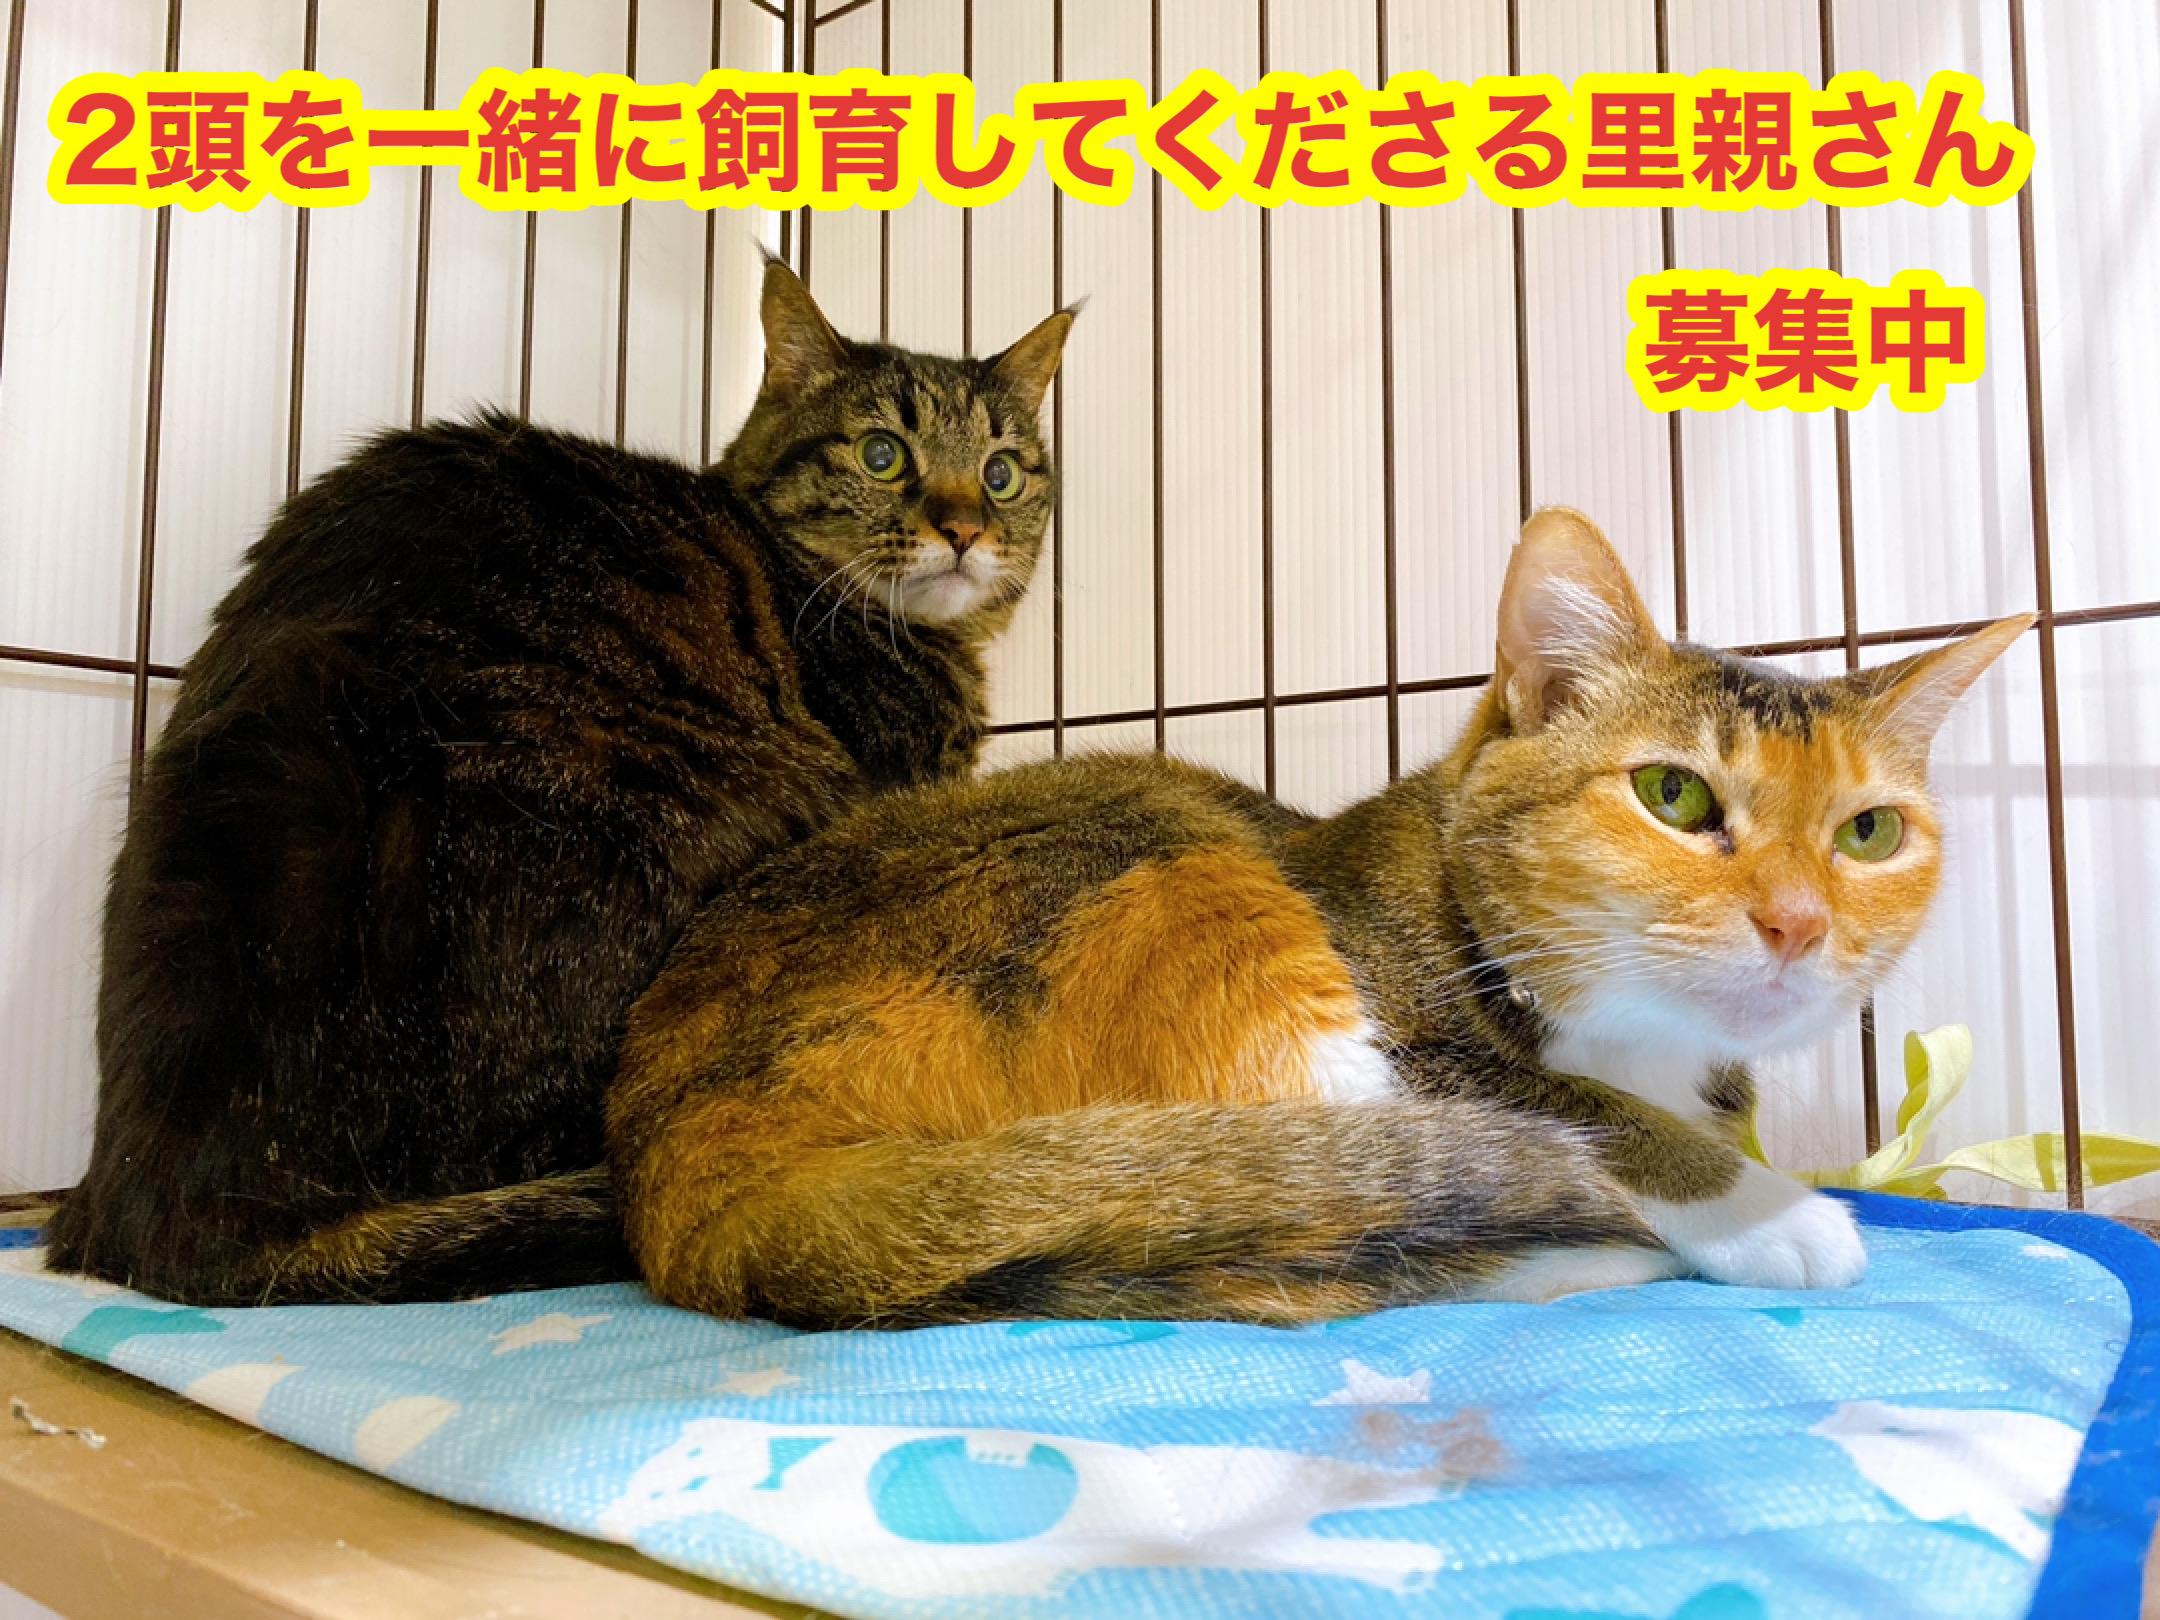 <ul> <li>猫種:日本猫</li> <li>性別:どちらも女の子</li> <li>名前:キジトラ(キジトラ)チョコ(三毛)</li> <li>年齢:2010〜2011年頃(キジトラ)2009~2010年頃(チョコ)生まれ</li> <li>保護経緯:飼い主が高齢になり病気療養のため飼育困難</li> <li>2頭同時に飼育してくださる里親さんを募集中</li> </ul>